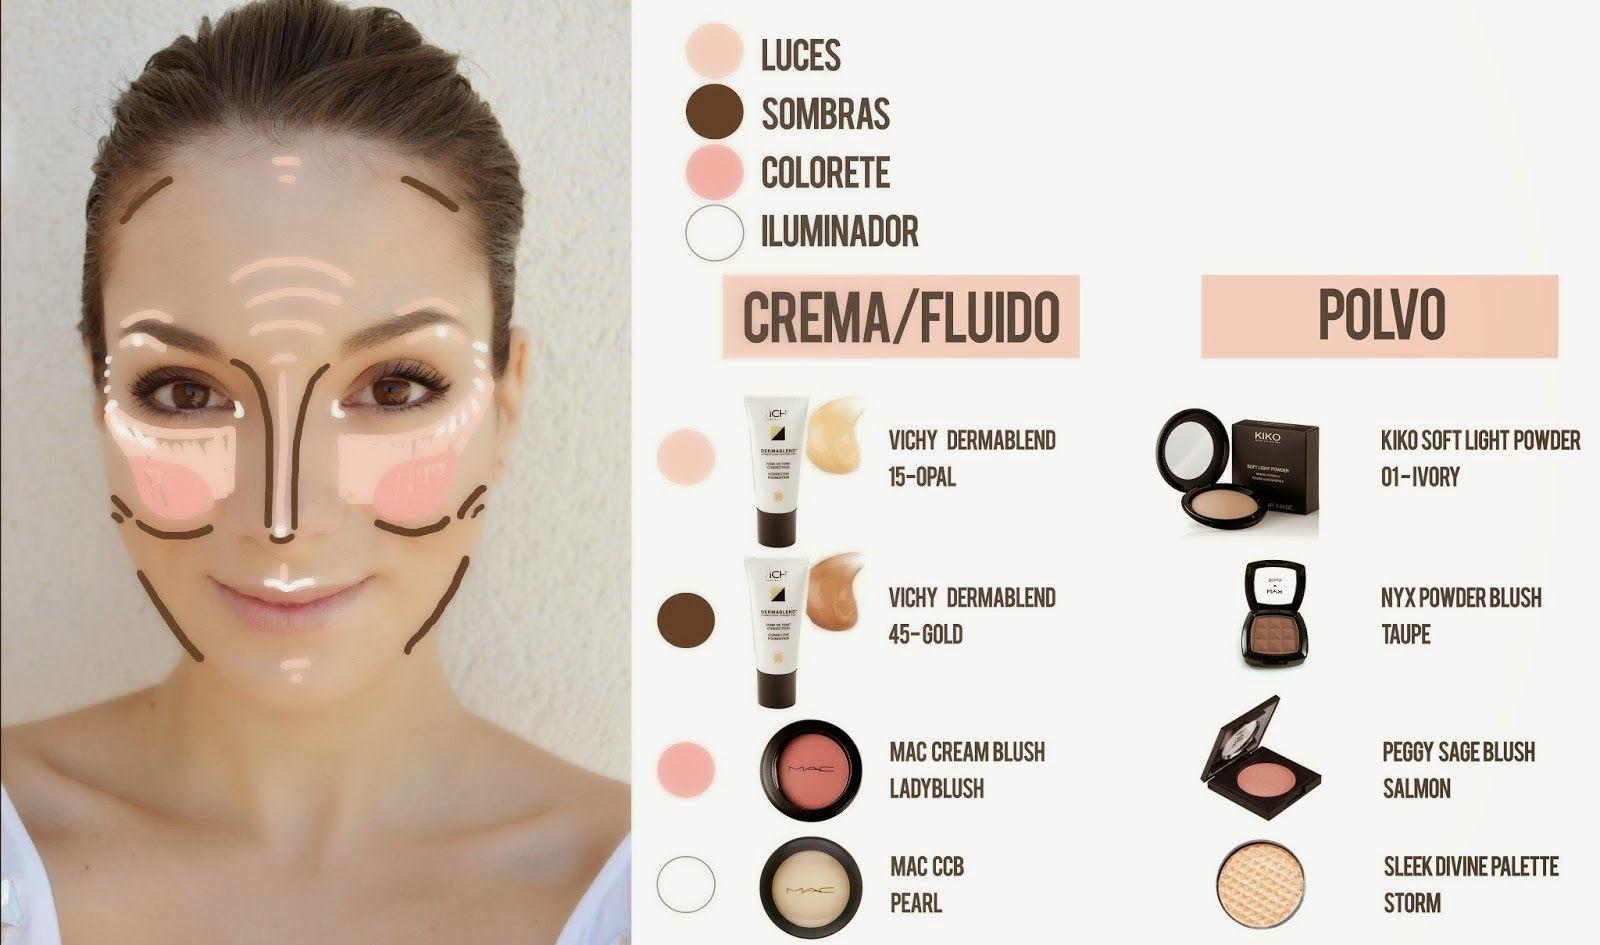 El look de maquillaje perfecto maquillaje de belleza - Como maquillarse paso a paso ...